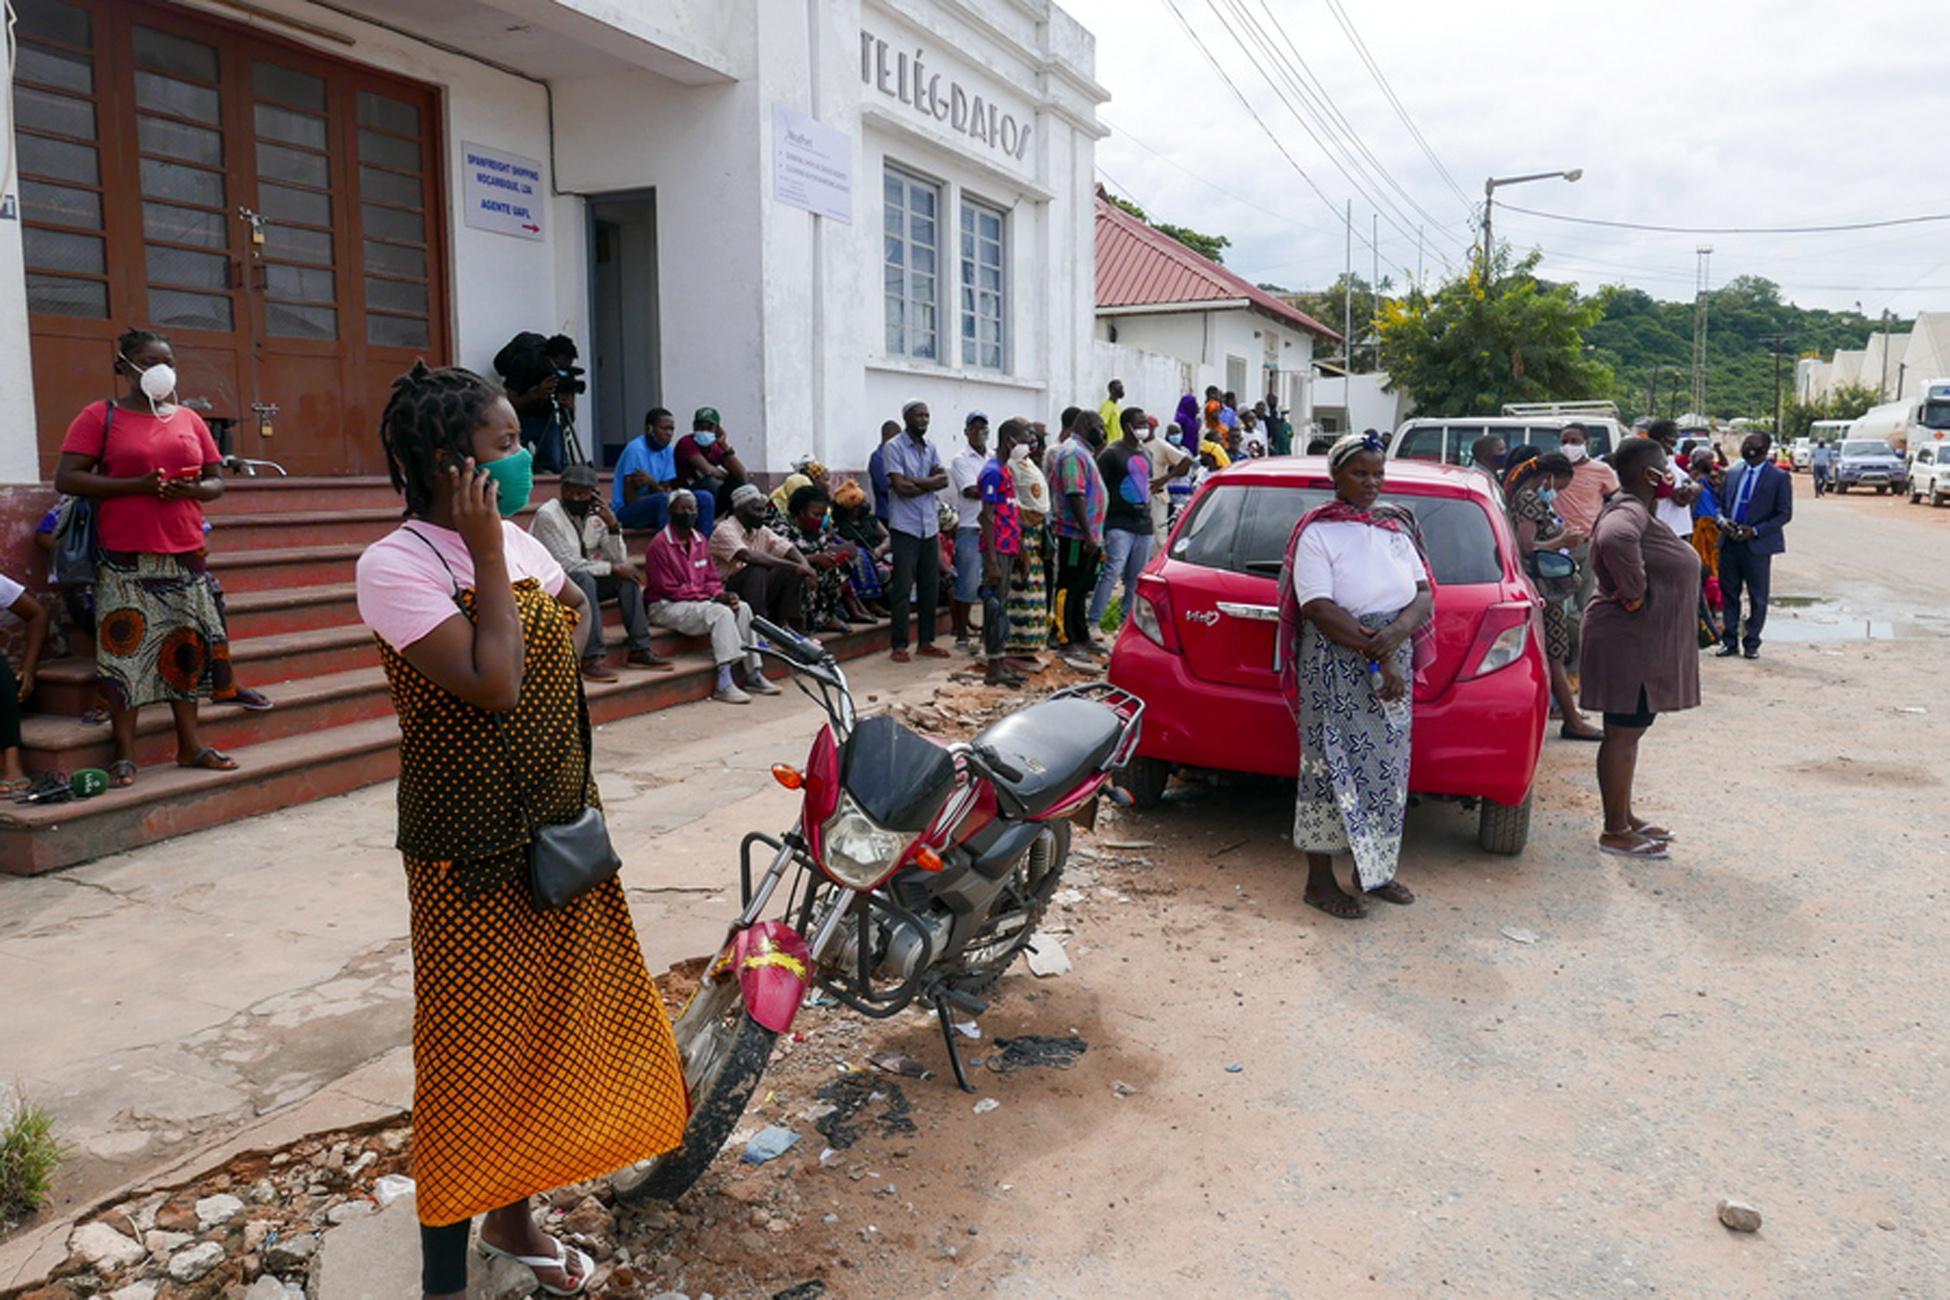 Μοζαμβίκη: Χιλιάδες κόσμου φεύγουν από την Πάλμα – Την κατέλαβαν τζιχαντιστές